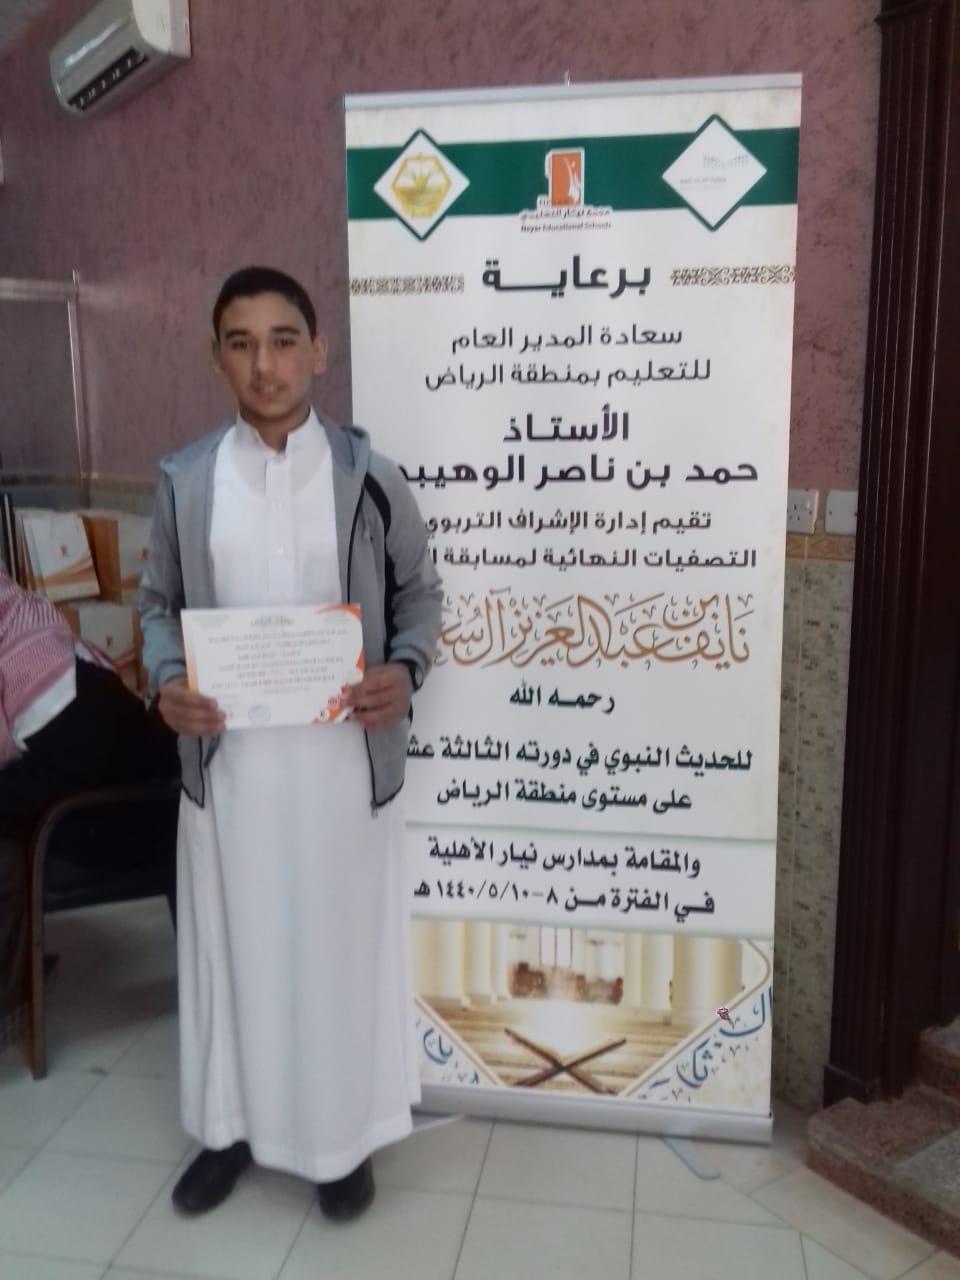 مسابقة الأمير نايف بن عبد العزيز لحفظ السنة النبوية